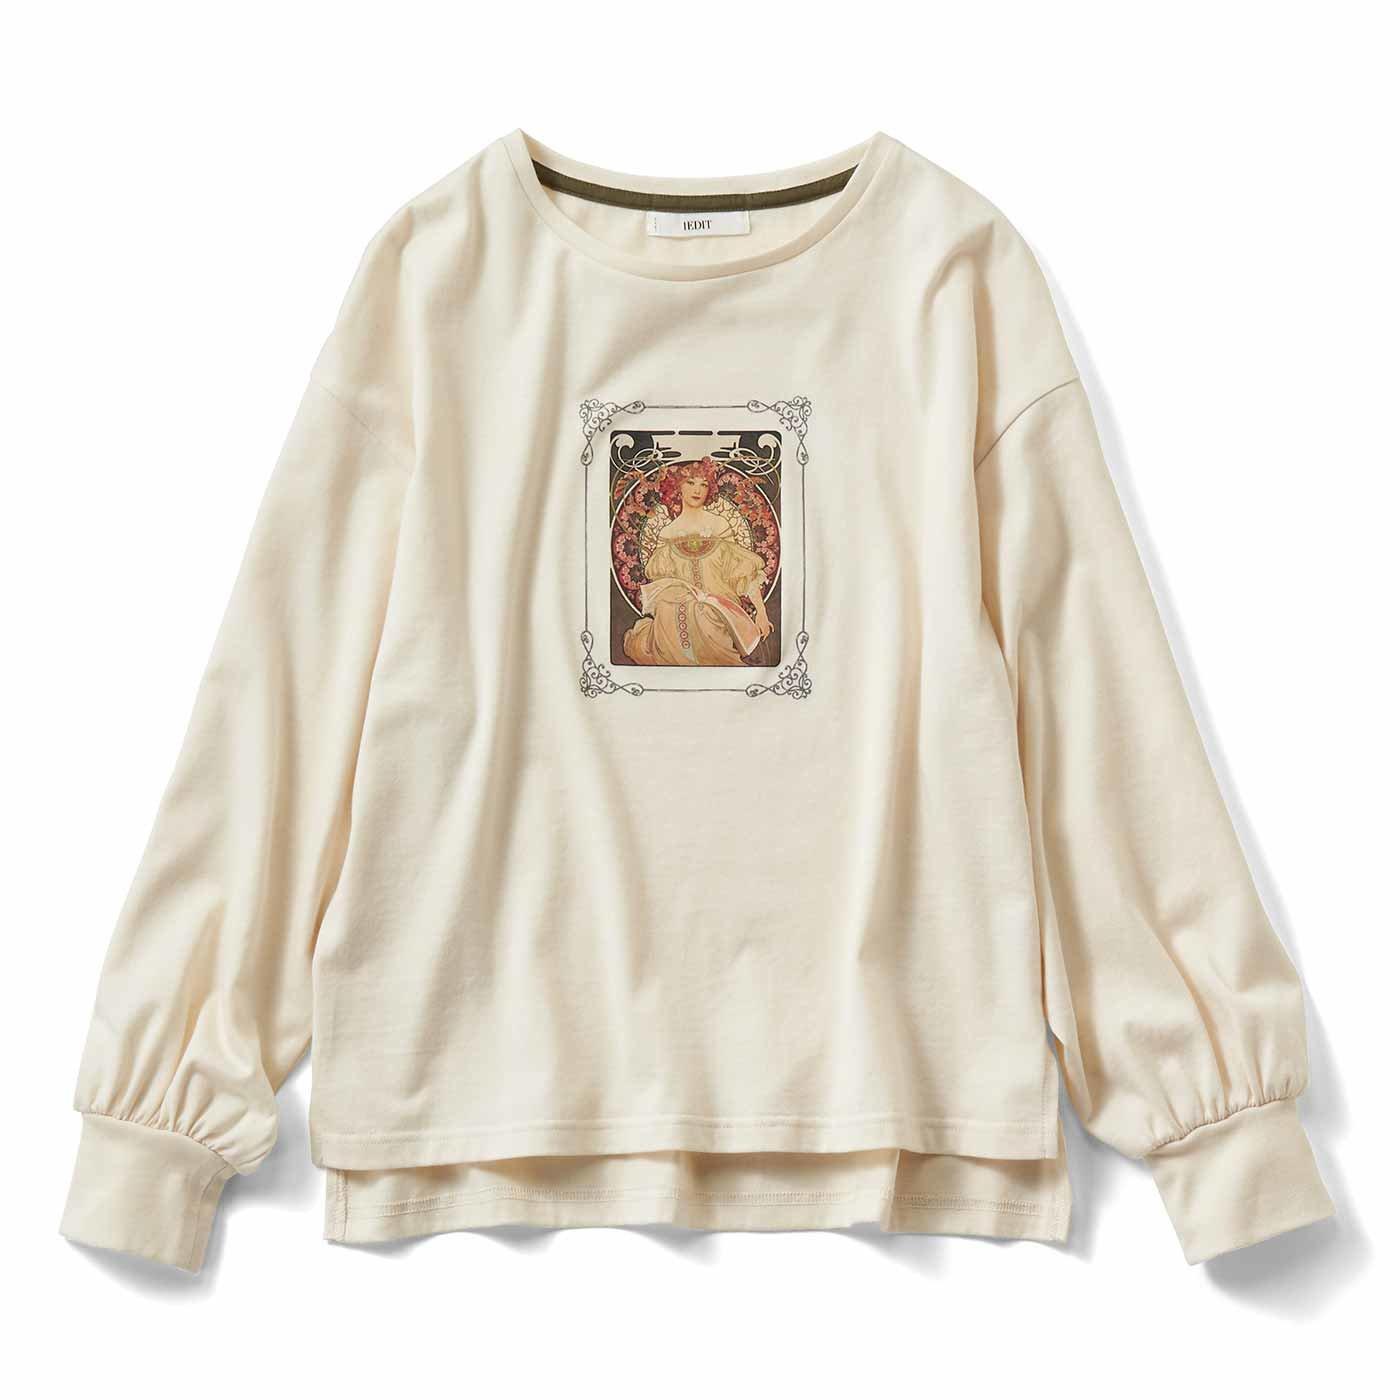 IEDIT[イディット] 繊細なミュシャのアートをまとう パフスリーブTシャツの会